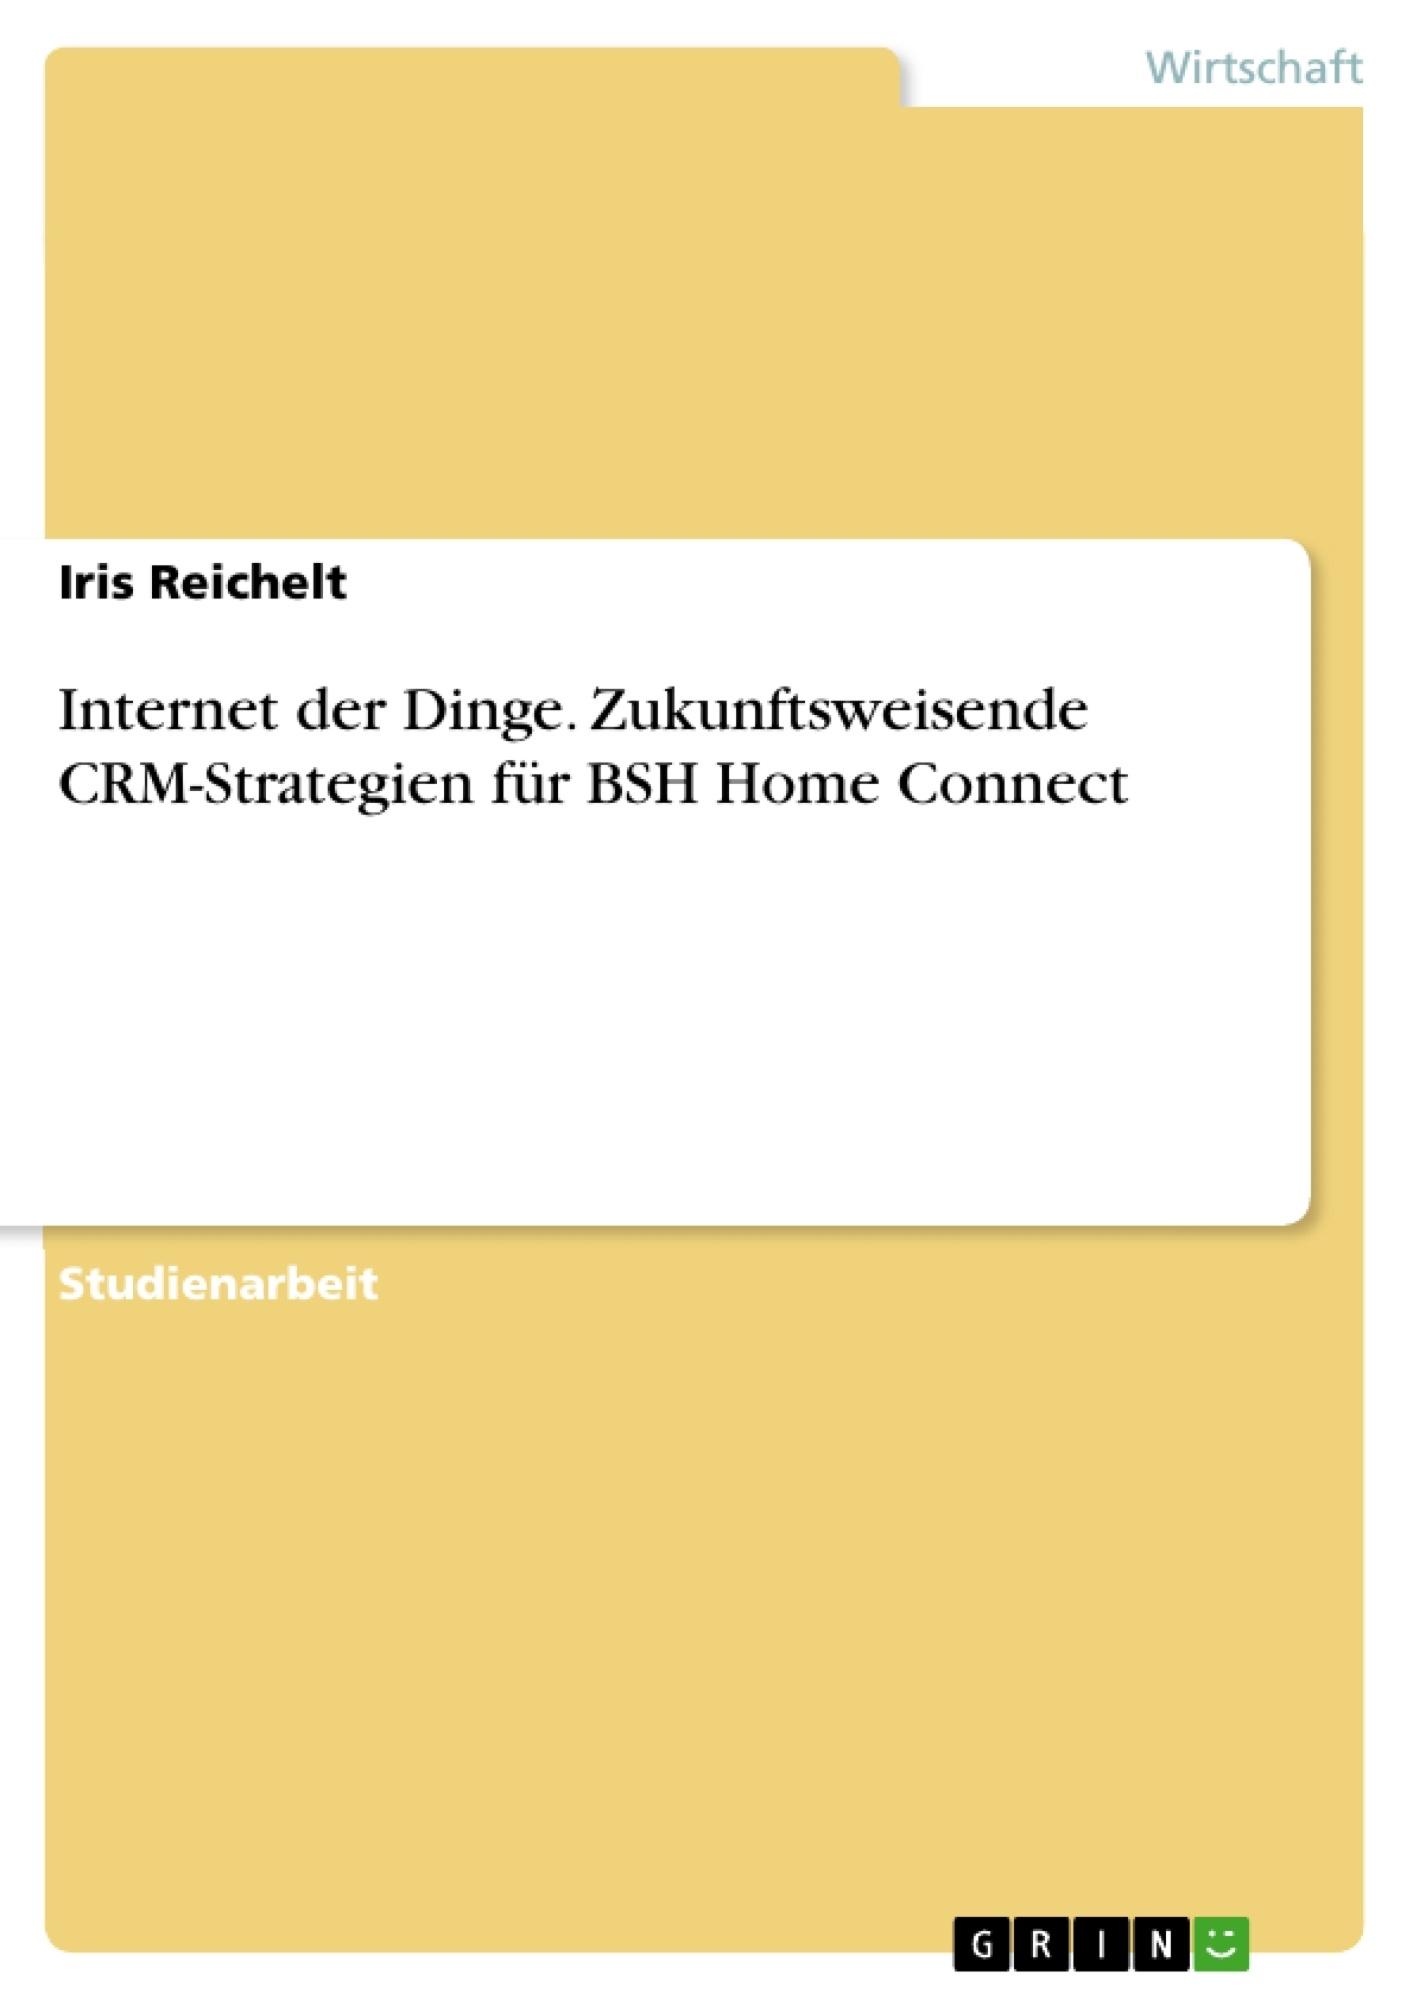 Titel: Internet der Dinge. Zukunftsweisende CRM-Strategien für BSH Home Connect